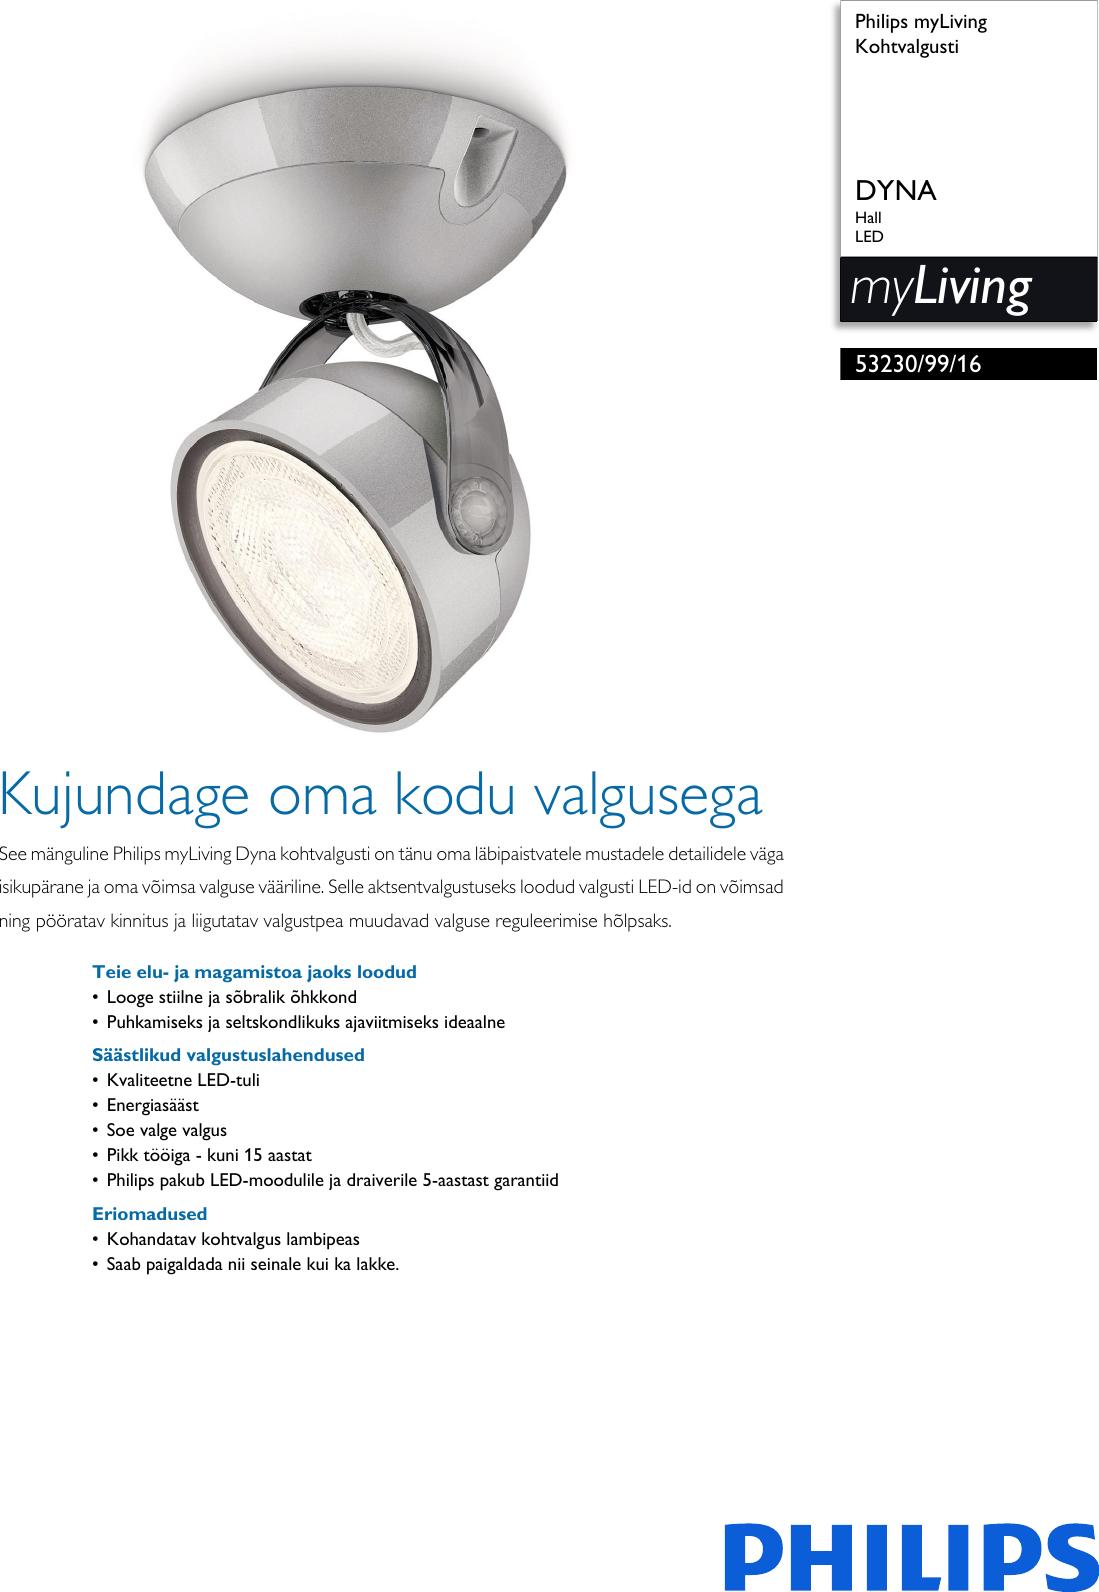 dfd324e58f2 Philips 53230/99/16 532309916 Kohtvalgusti User Manual Voldik Pss Estee